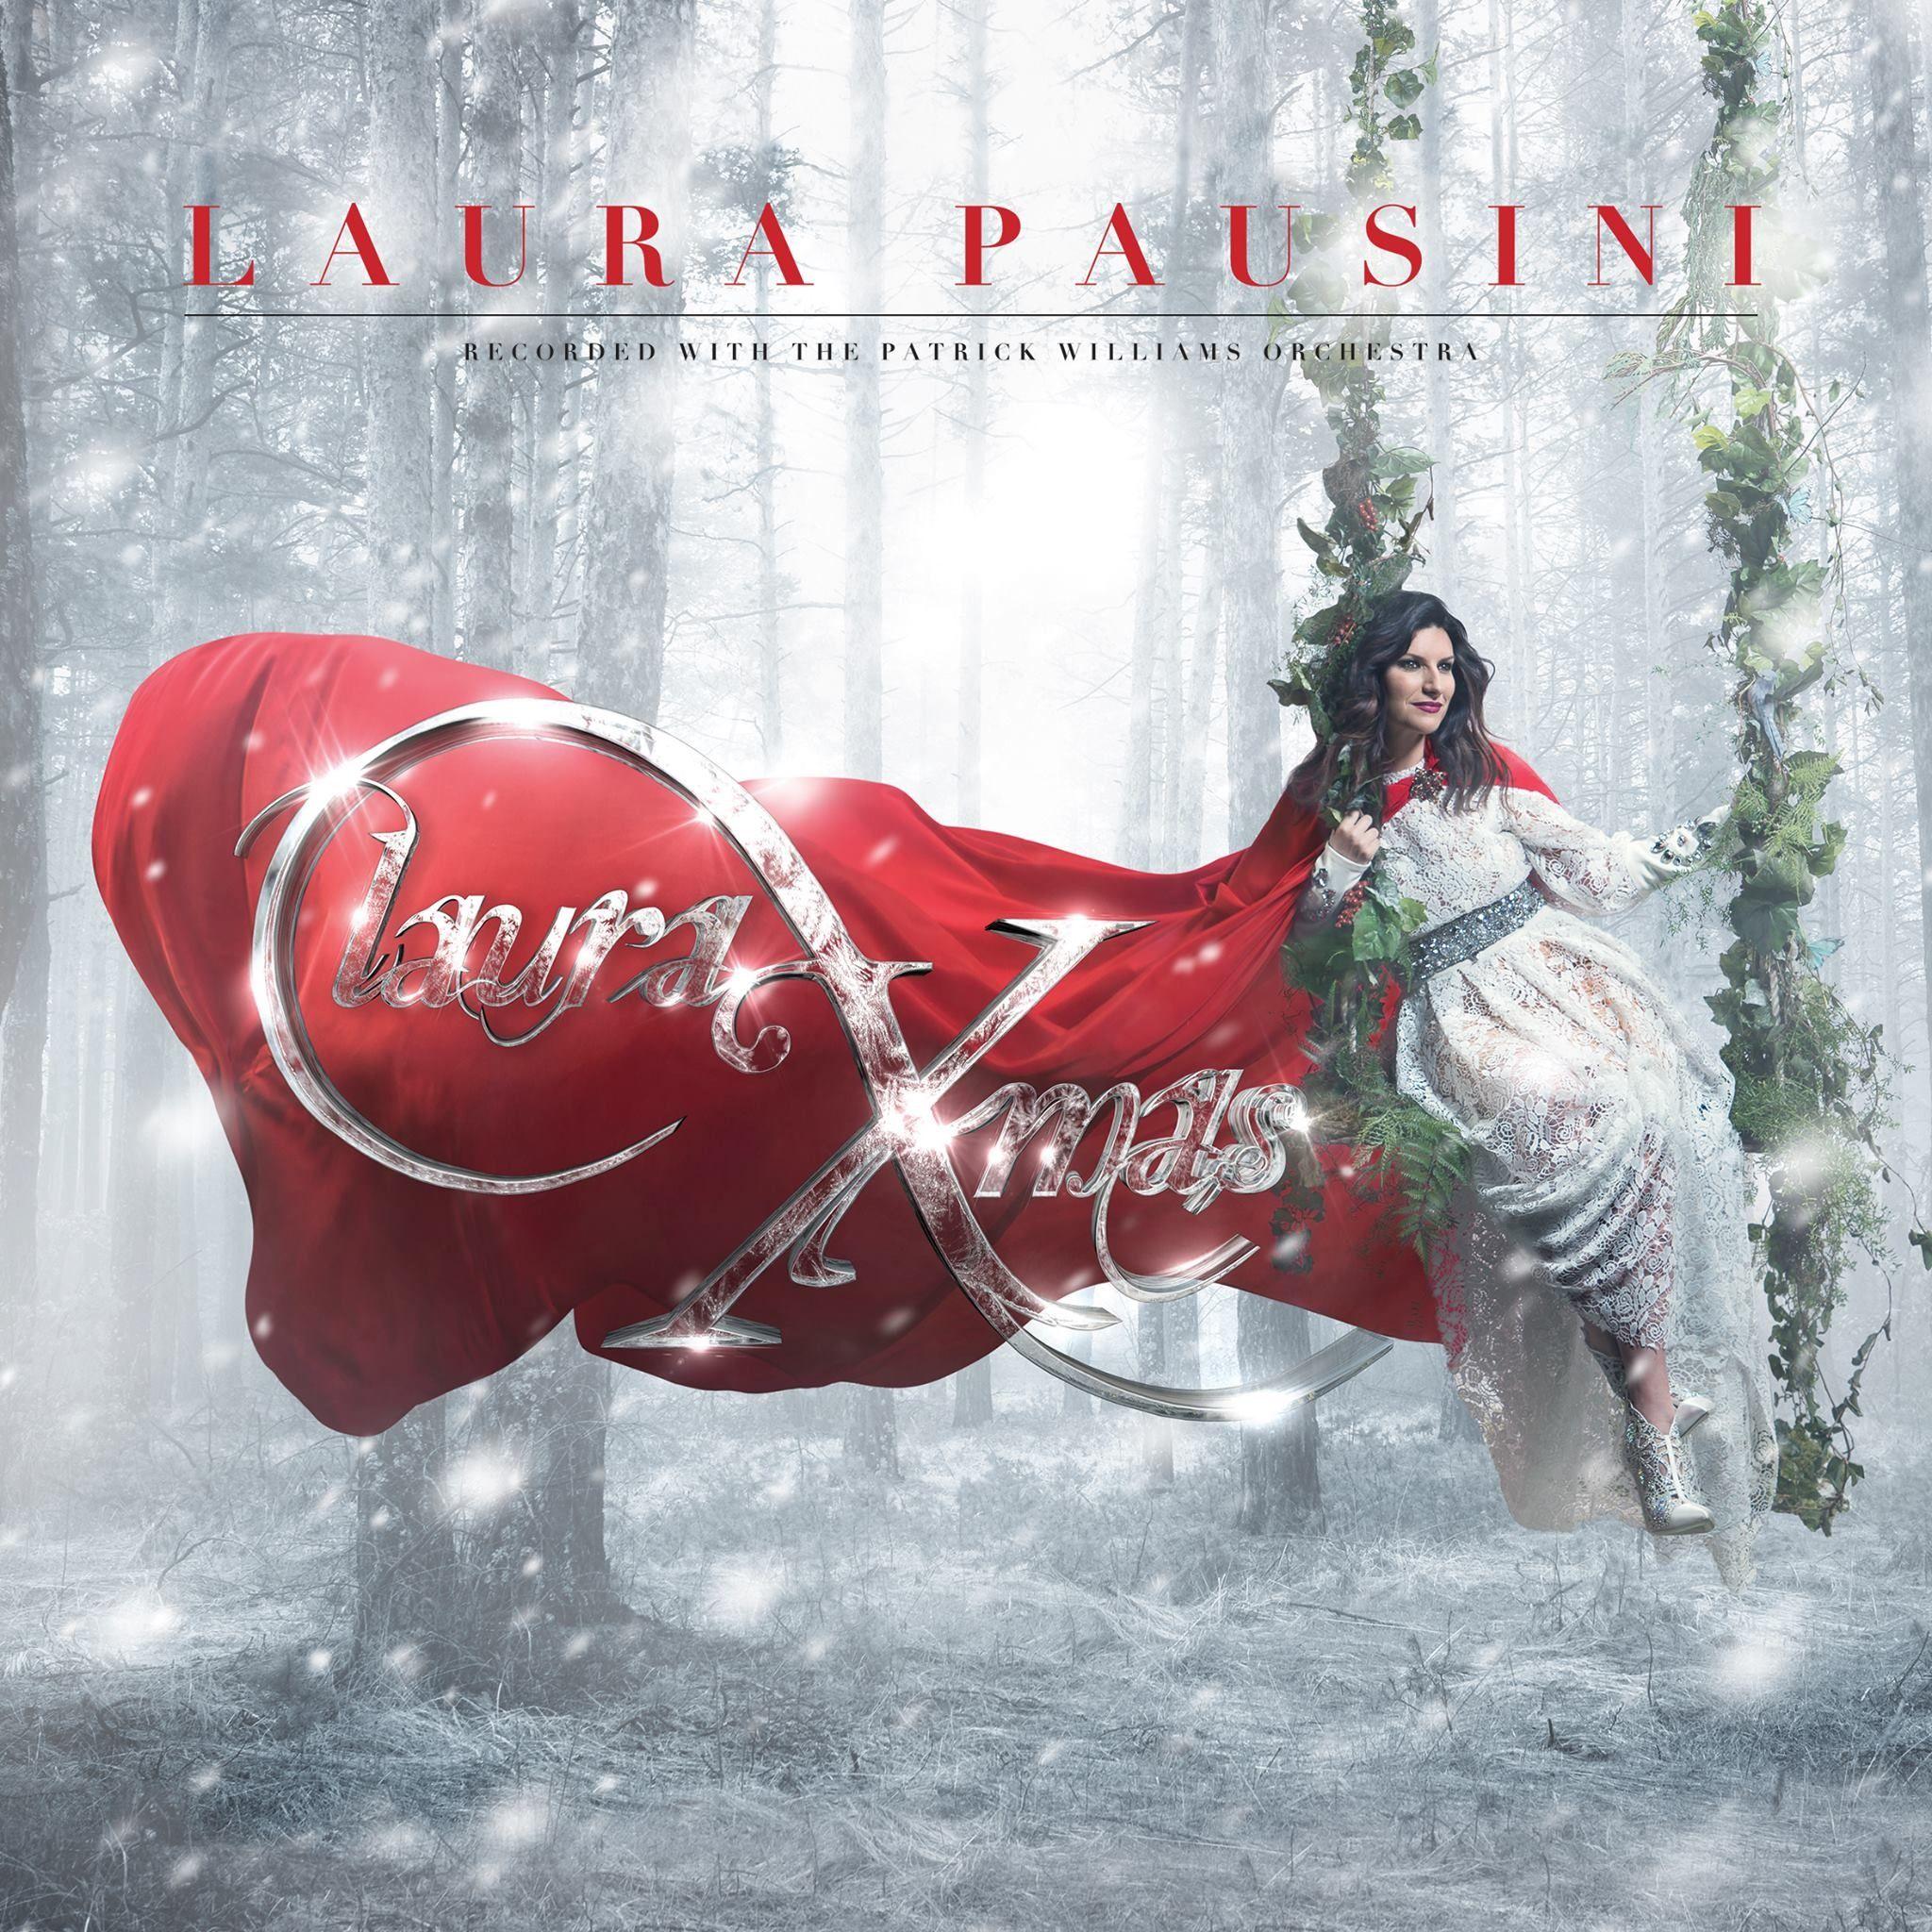 Laura Pausini - Laura Xmas album cover